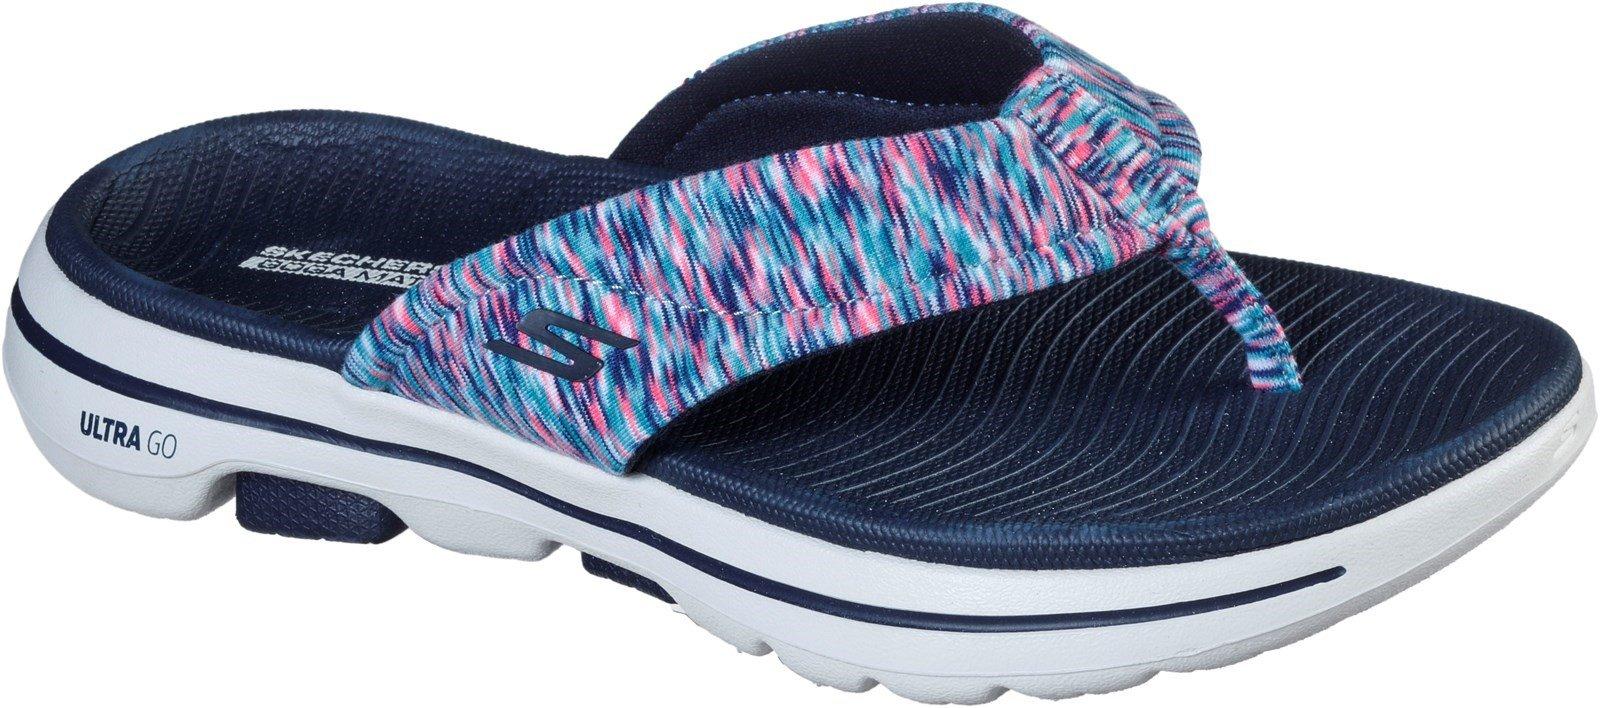 Skechers Women's Go Walk 5 Destined Sandal Various Colours 32154 - Navy 3